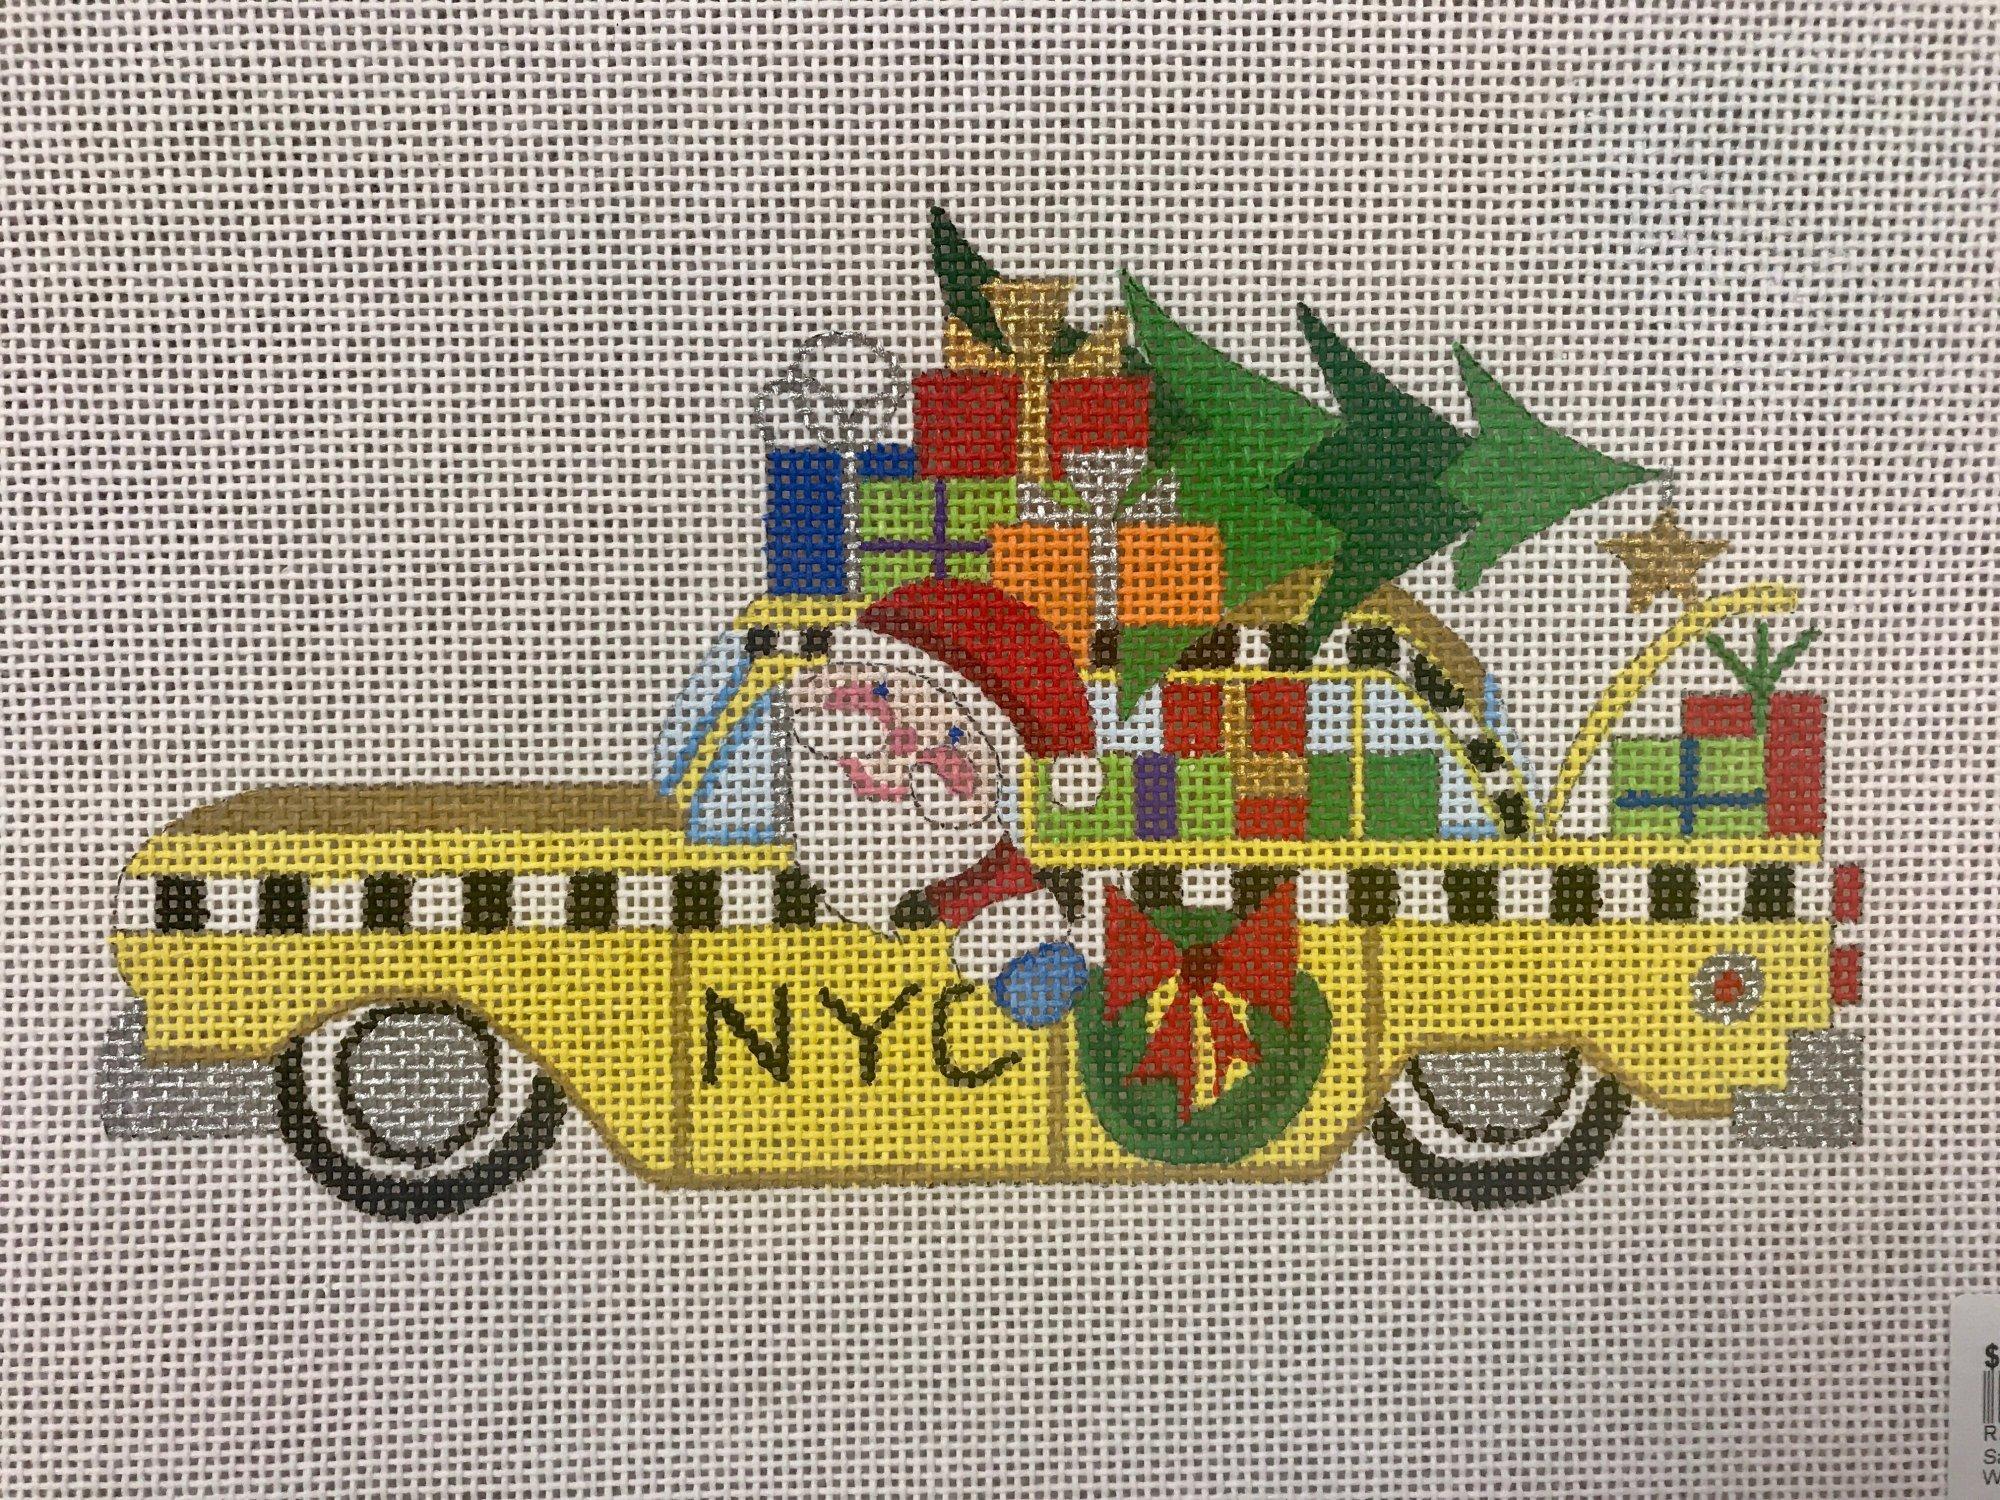 Santa Taxi Cab HO385